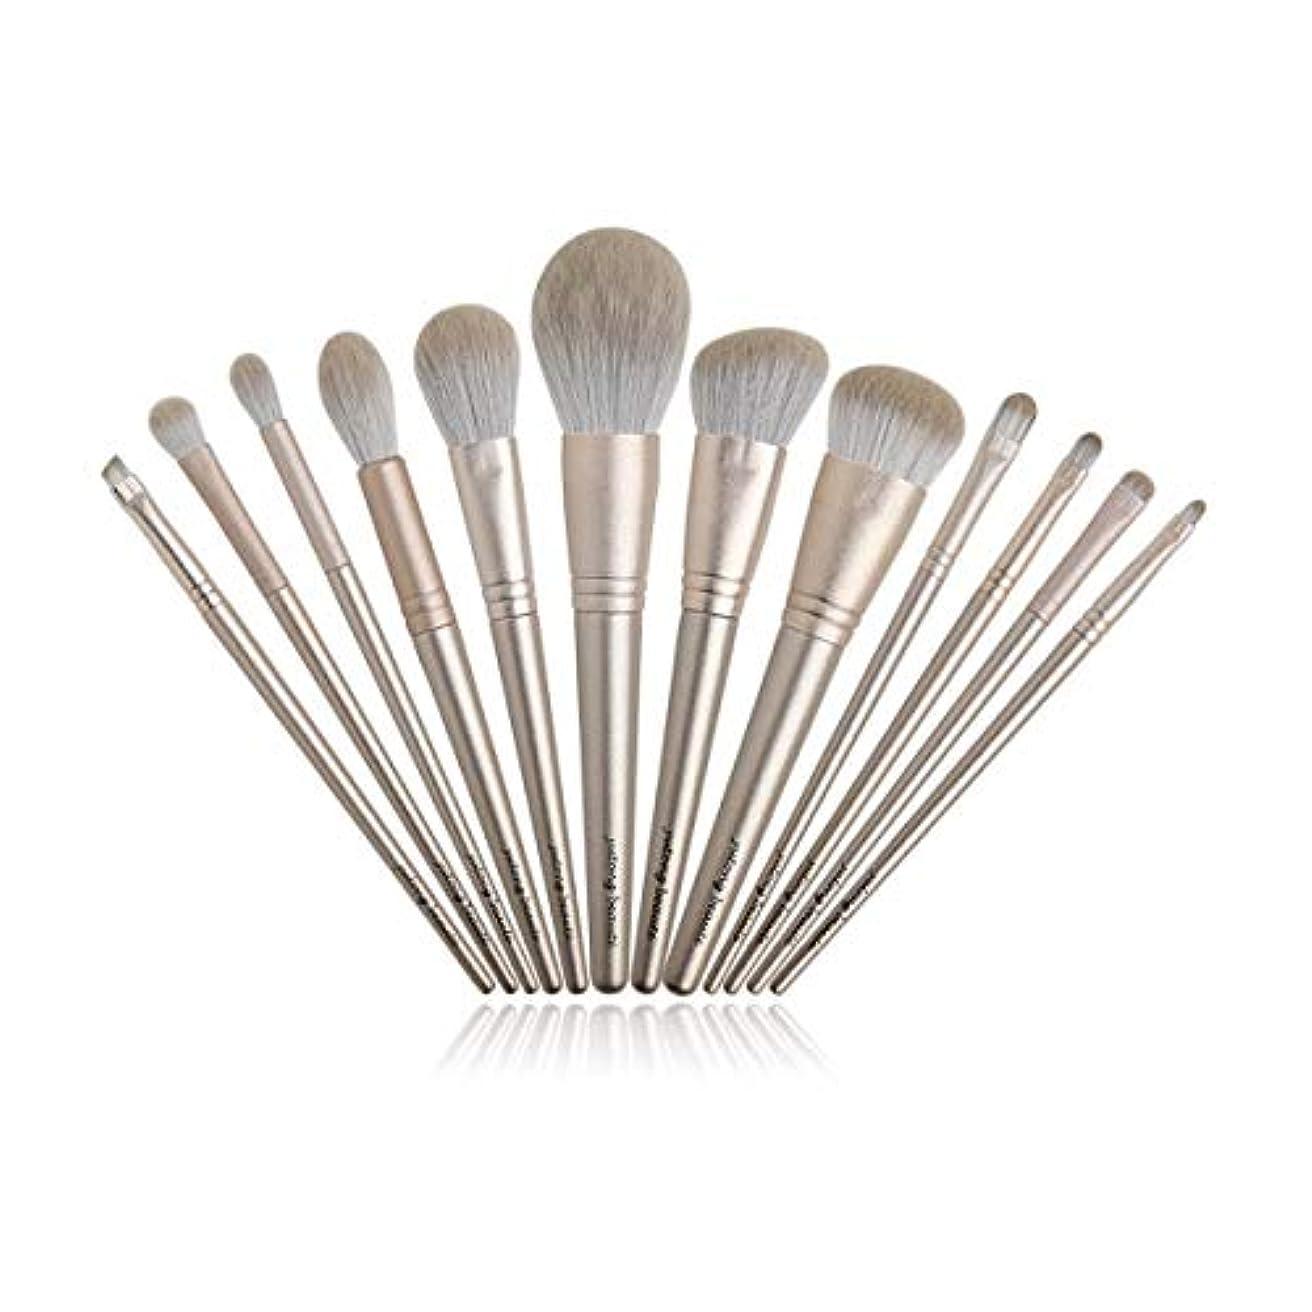 救出ブラジャーリンクXIAOCHAOSD メイクブラシ美容ツールベルト保護ネットの設定ファイバー髪のセクションを設定し、12点セット (Color : Gold)